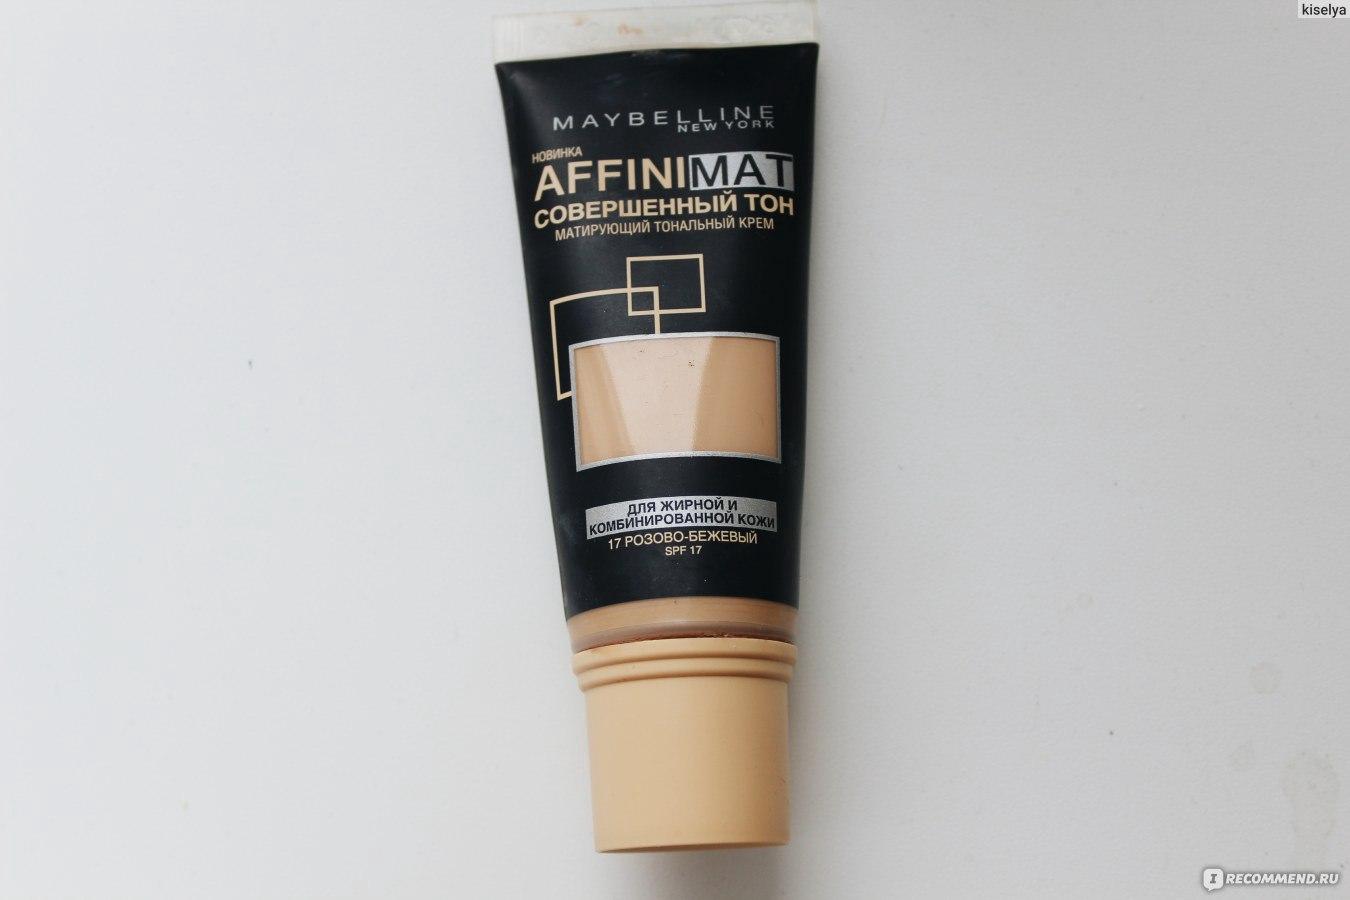 оттенки тонального крема affinimat